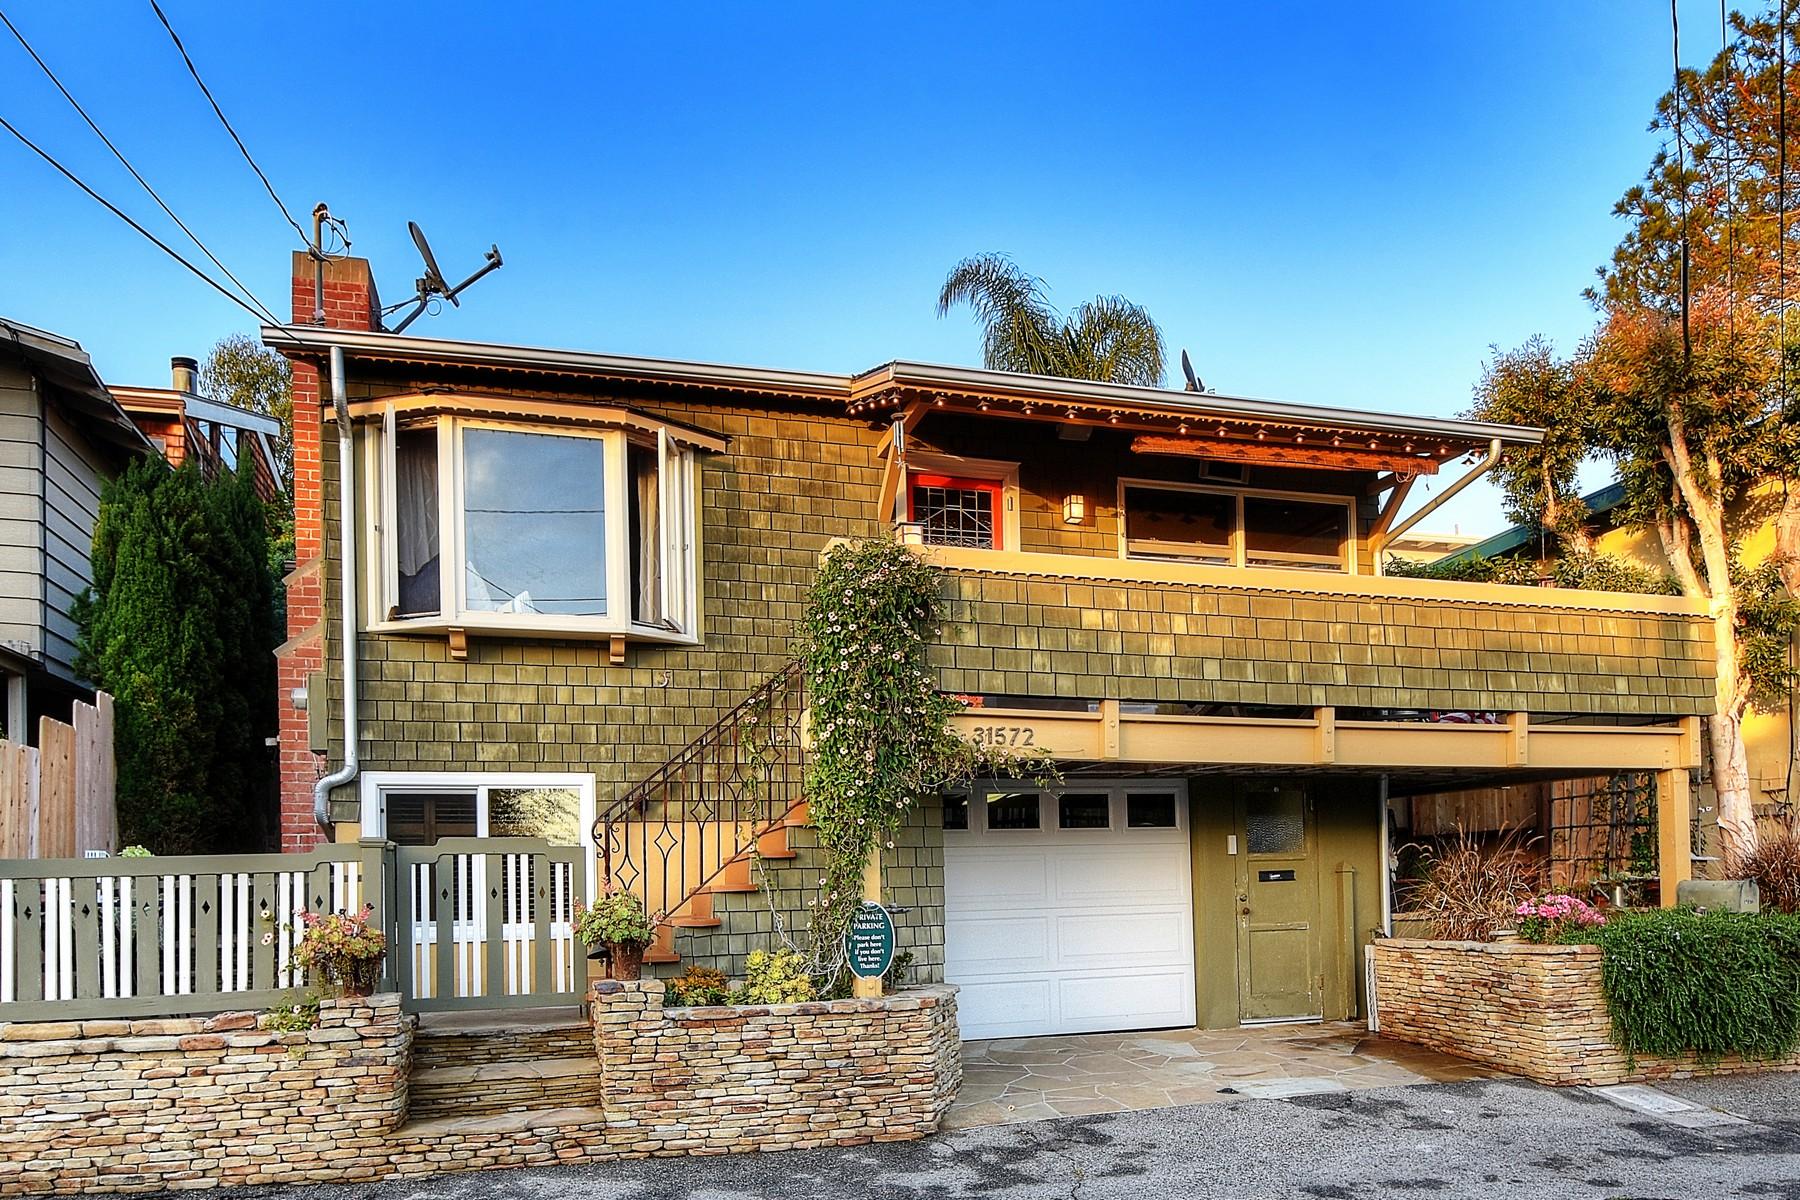 Частный односемейный дом для того Продажа на 31572 Wildwood Rd. Laguna Beach, Калифорния, 92651 Соединенные Штаты